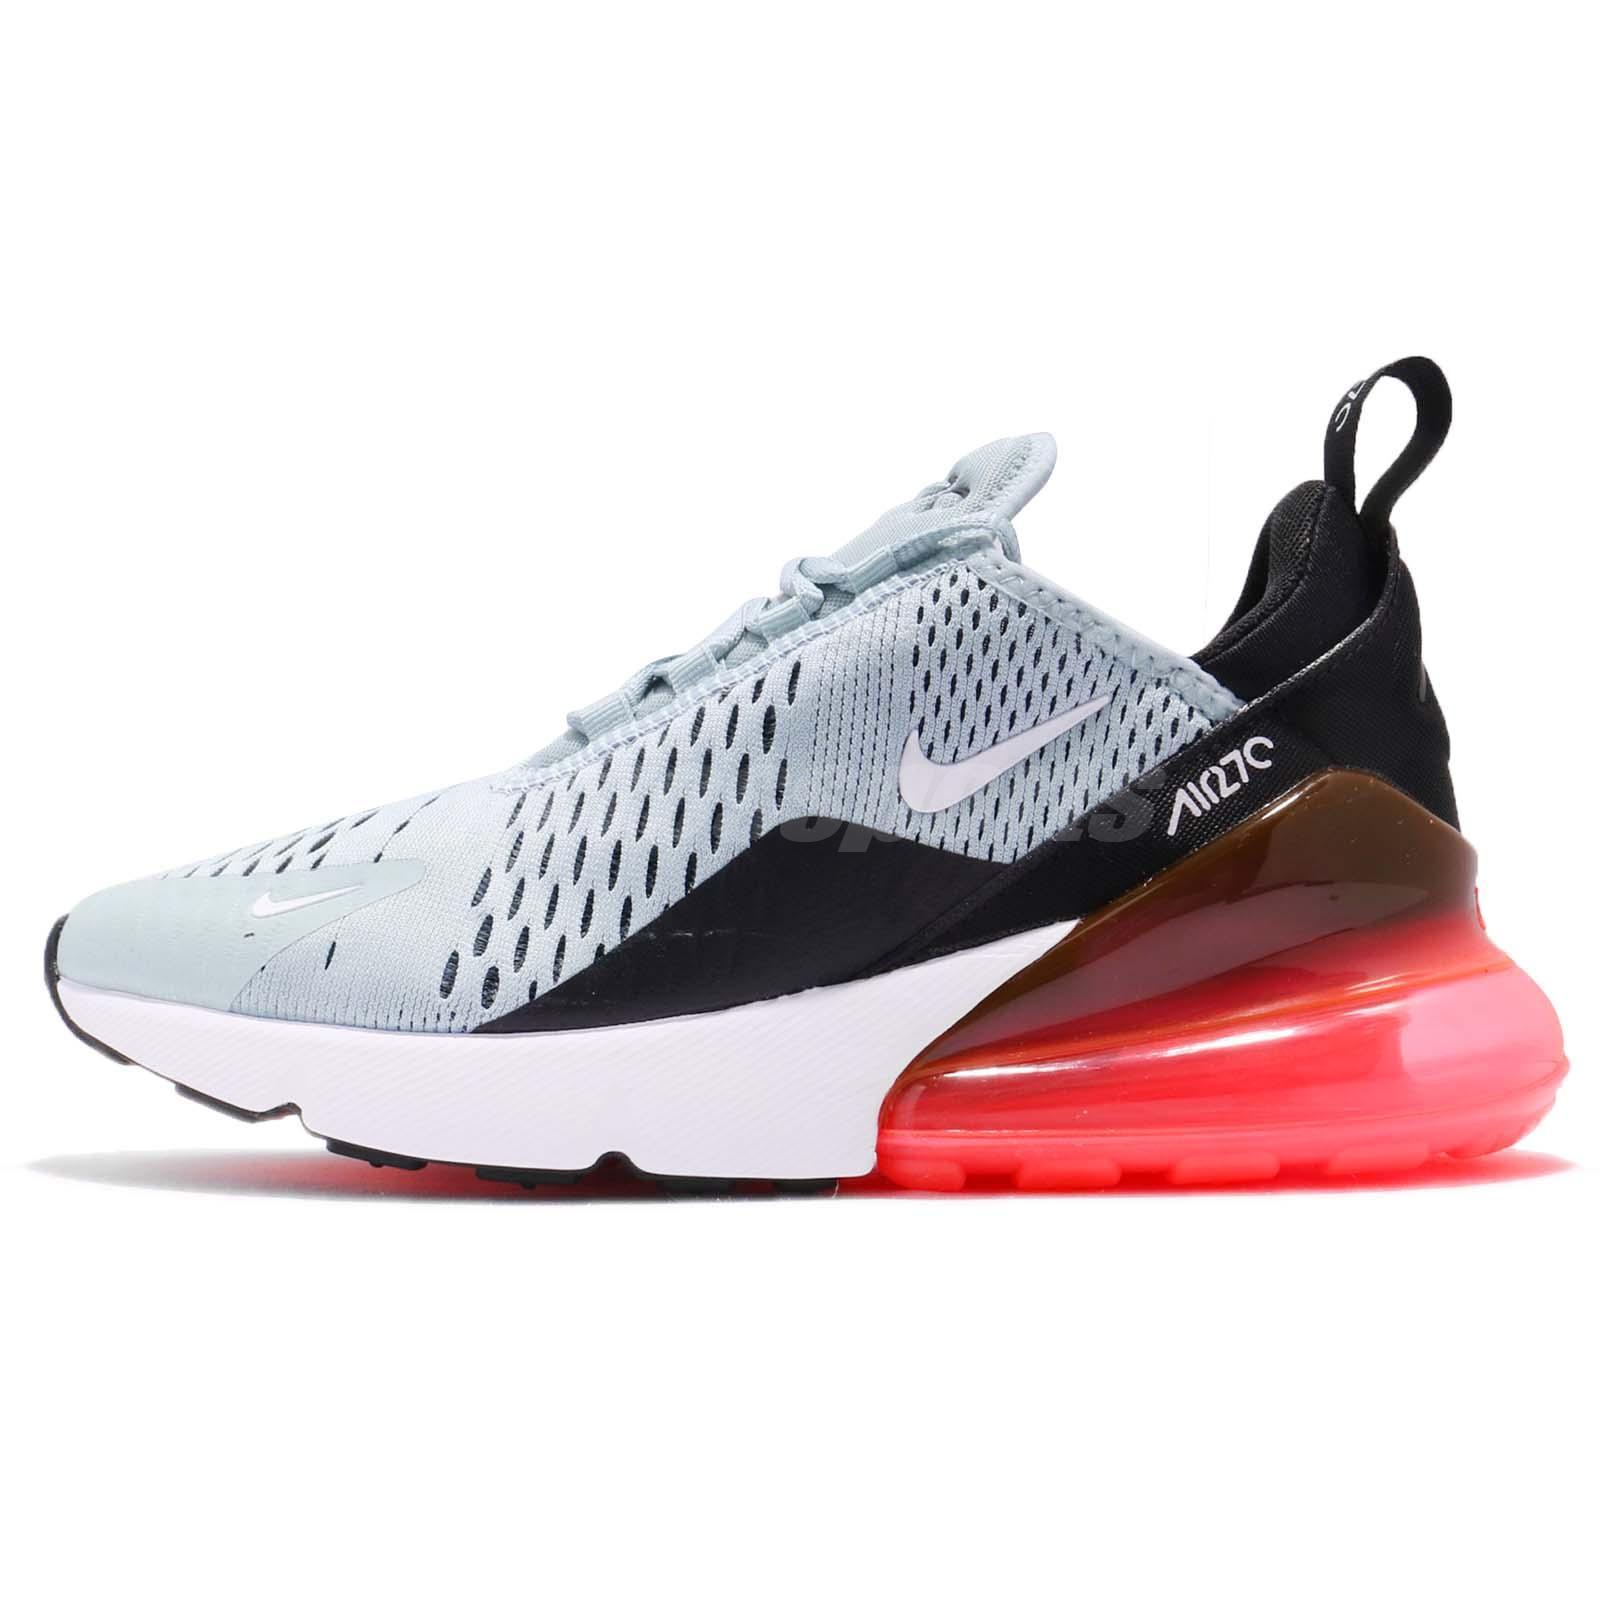 the best attitude a380f 4d320 Nike Wmns Air Max 270 Ocean Bliss Hot Punch Black Women Running Shoes  AH6789-400